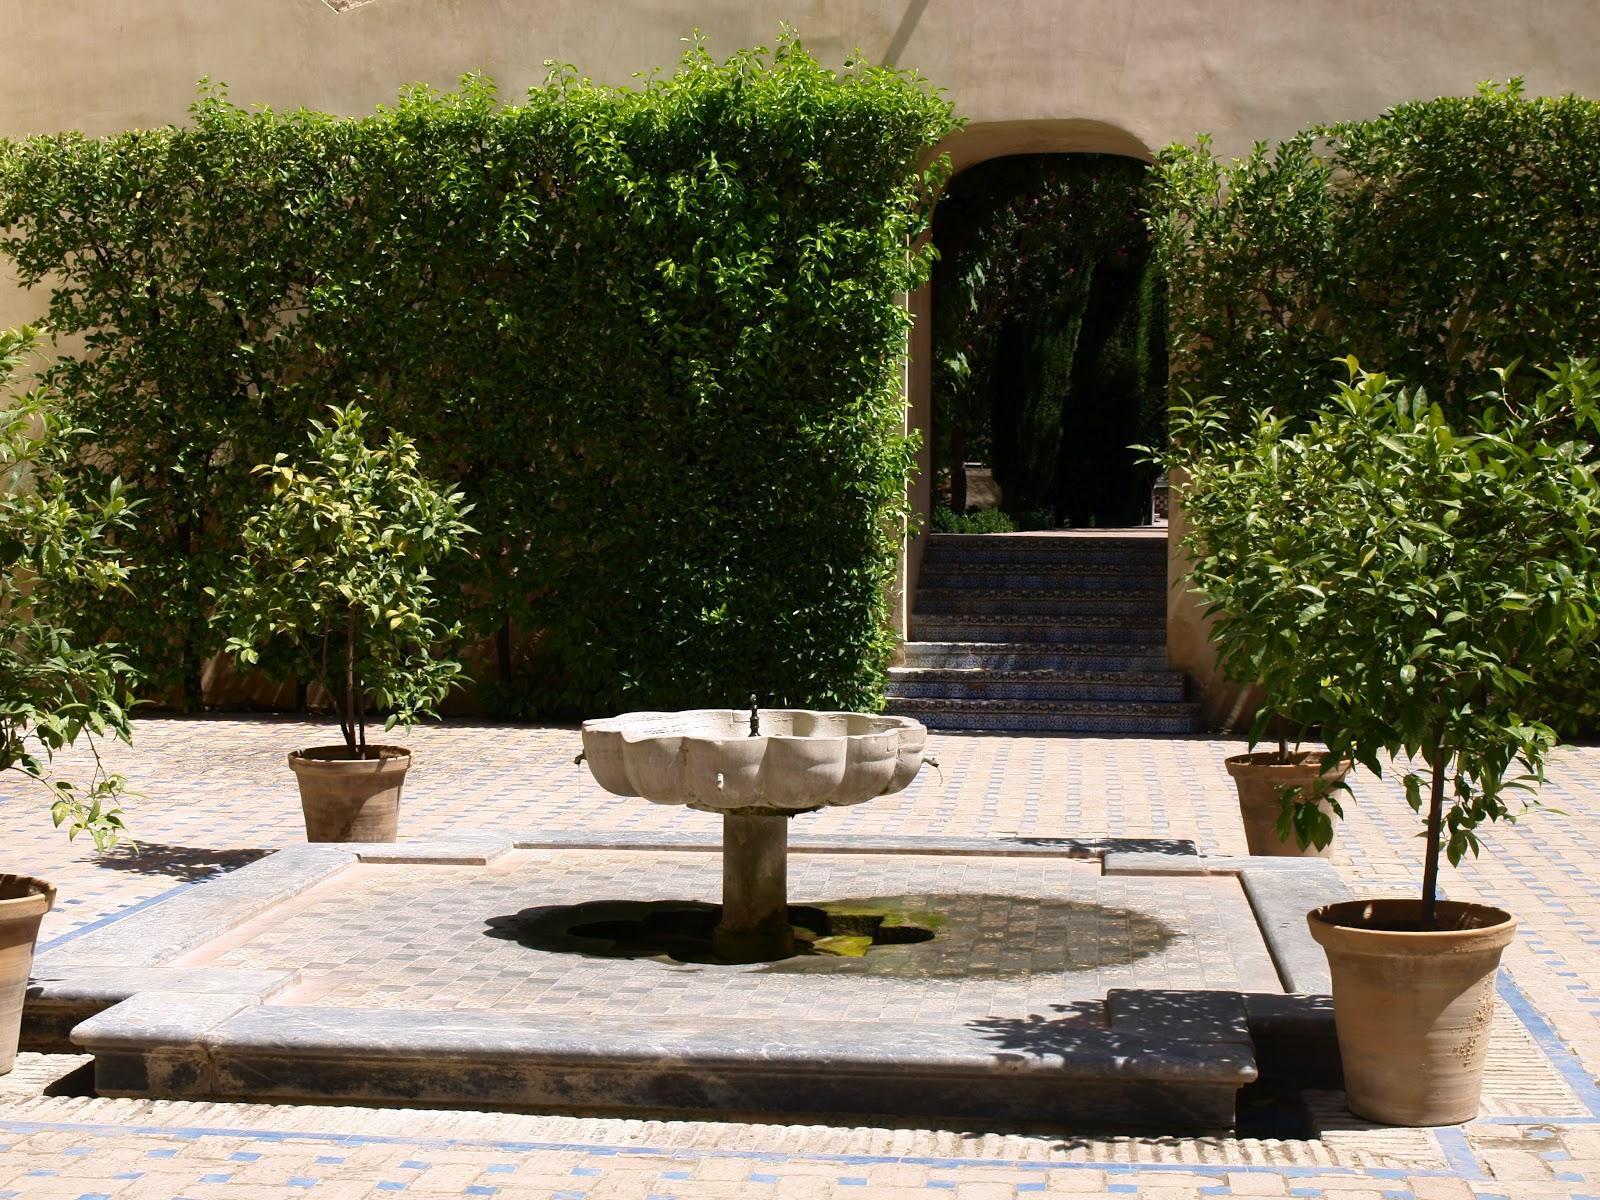 Sevilla daily photo alc zar 26 el jard n de troya - Jardines de sevilla ...